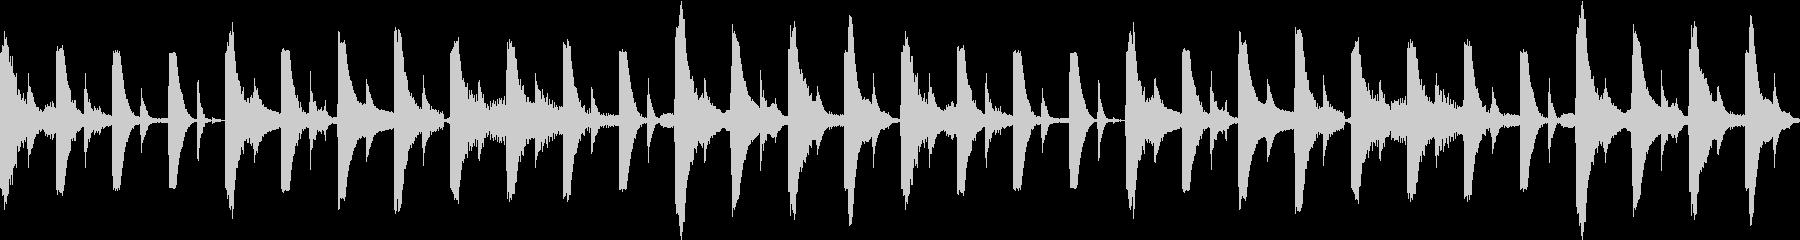 四つ打ちとエレピのおしゃれサウンドの未再生の波形